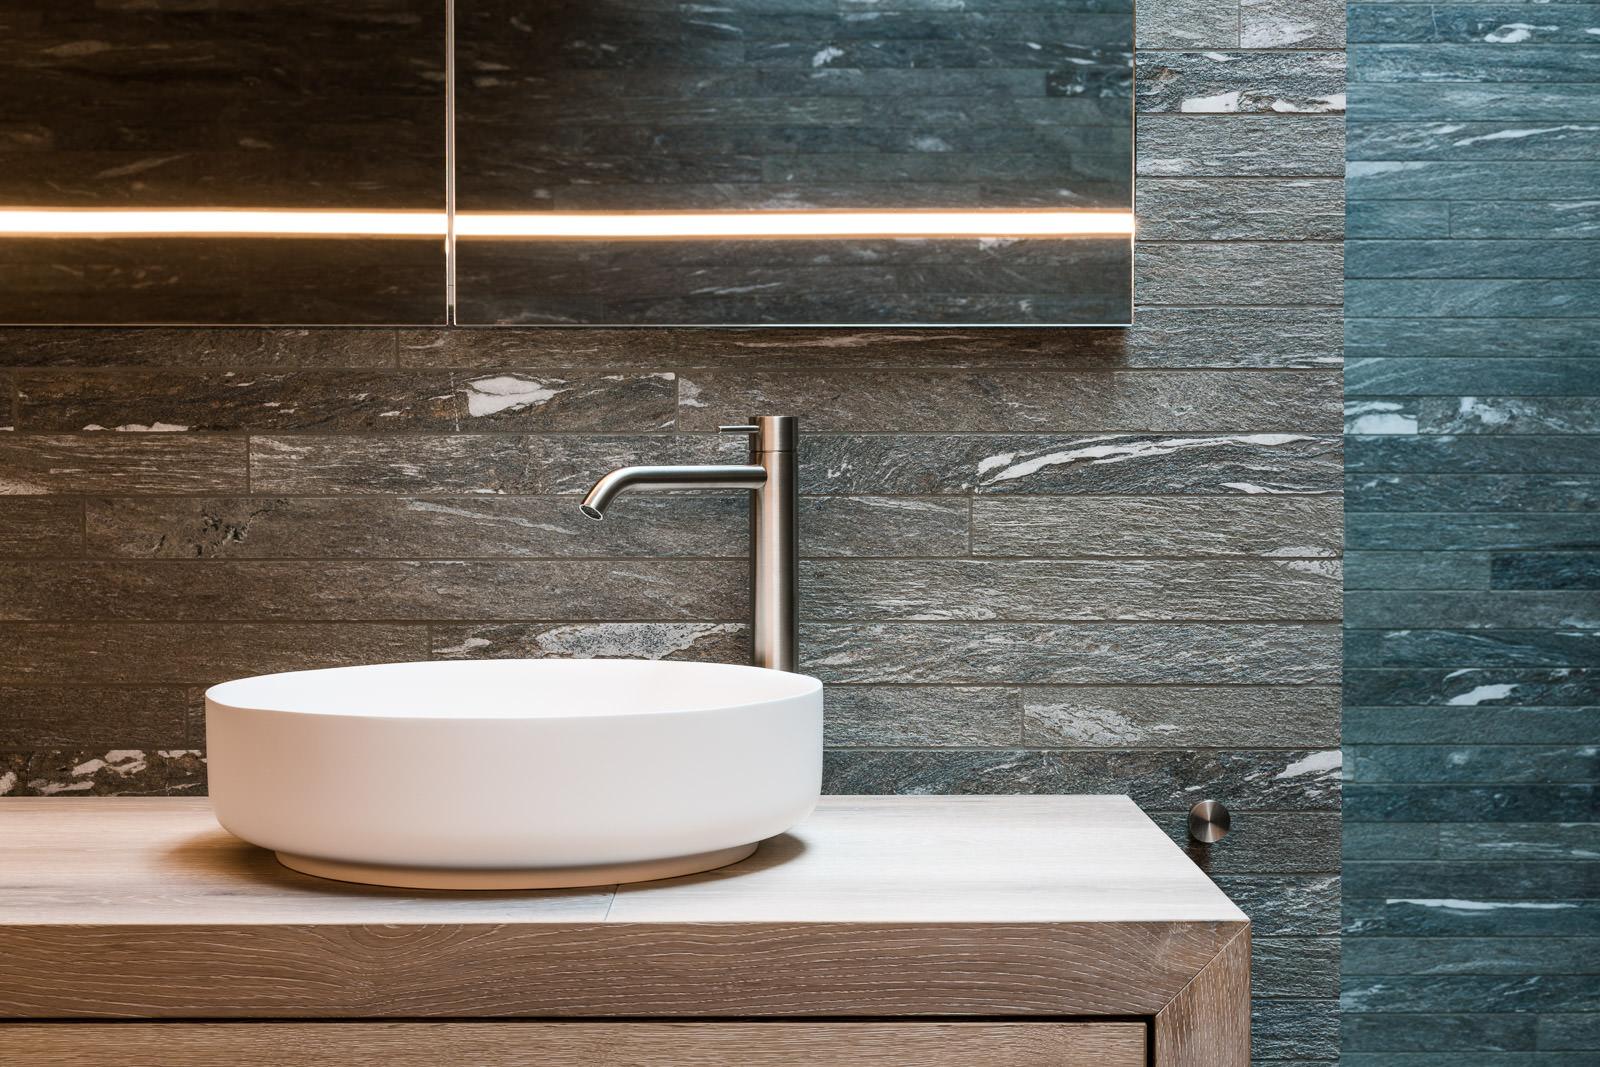 Hochwertige Badezimmer- und Interieur-Architektur - Immobilienfotos